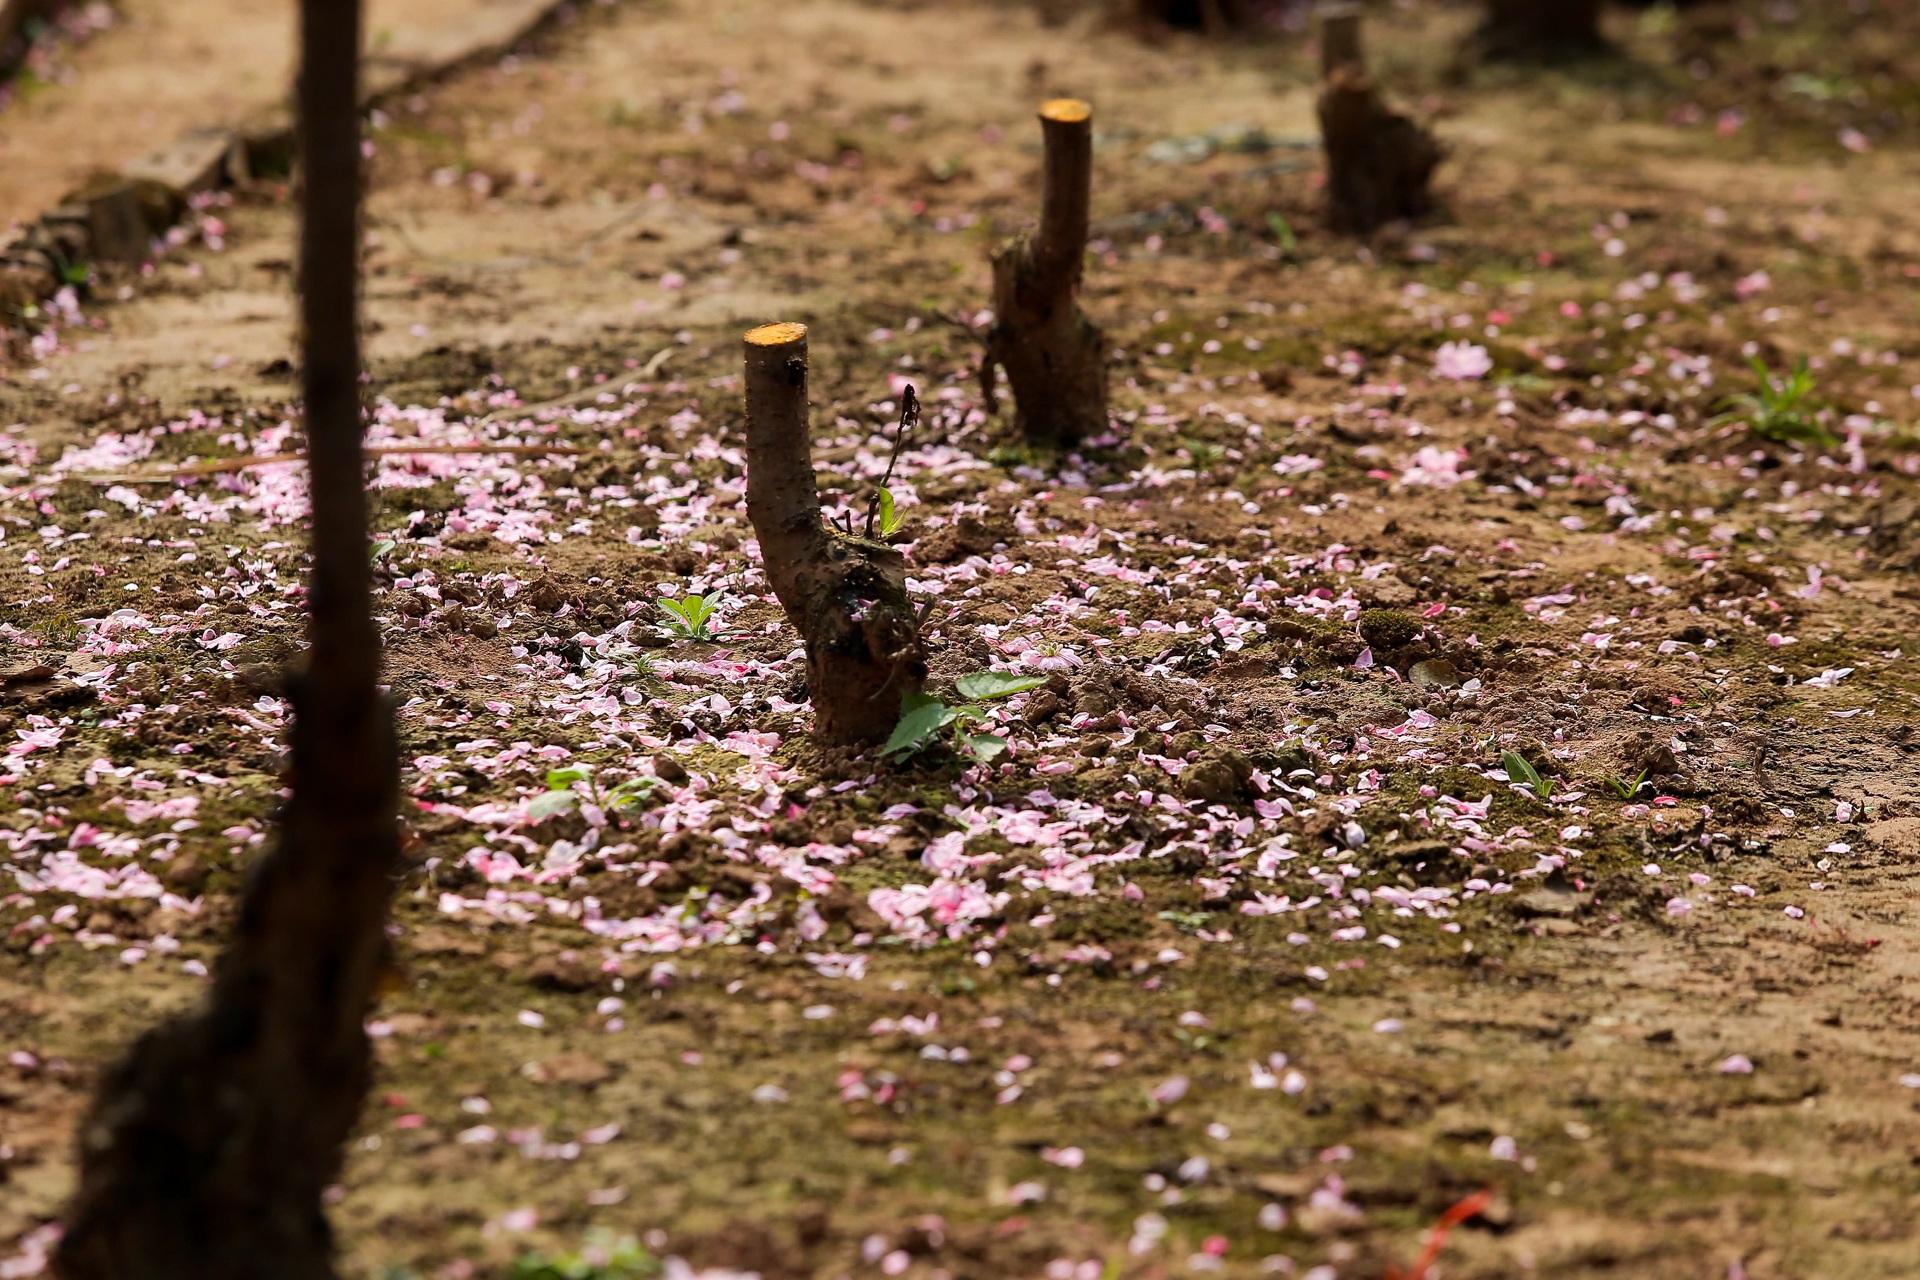 Đào Nhật Tân bung nở, rụng đỏ gốc: Khách kéo nhau chụp ảnh, nông dân thẫn thờ lo trắng tay - 8